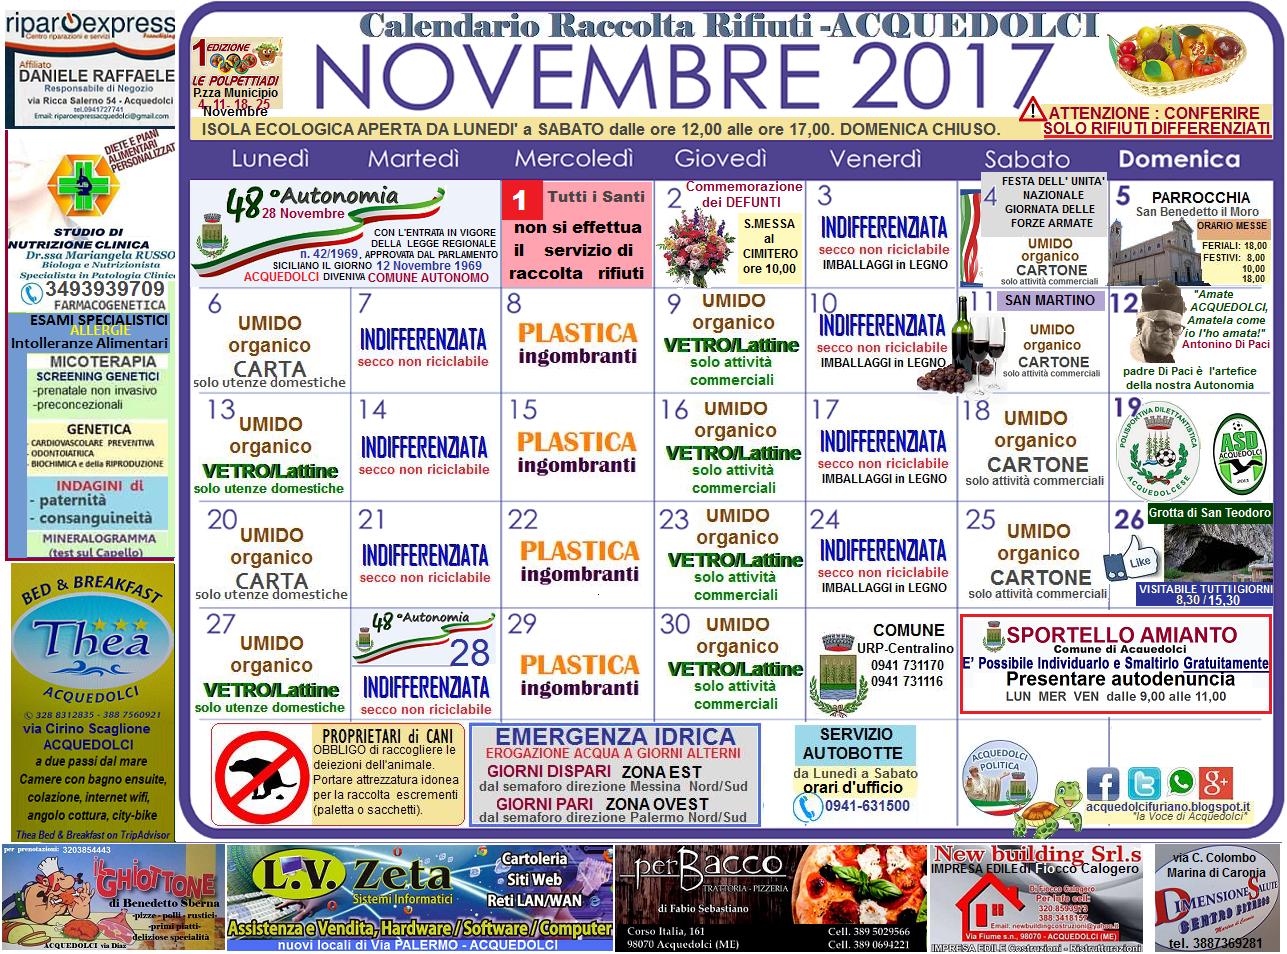 Il Tuo Quartiere Non E Una Discarica Calendario 2020 Municipi Dispari.Raccolta Differenziata Il Calendario Del Mese Di Novembre